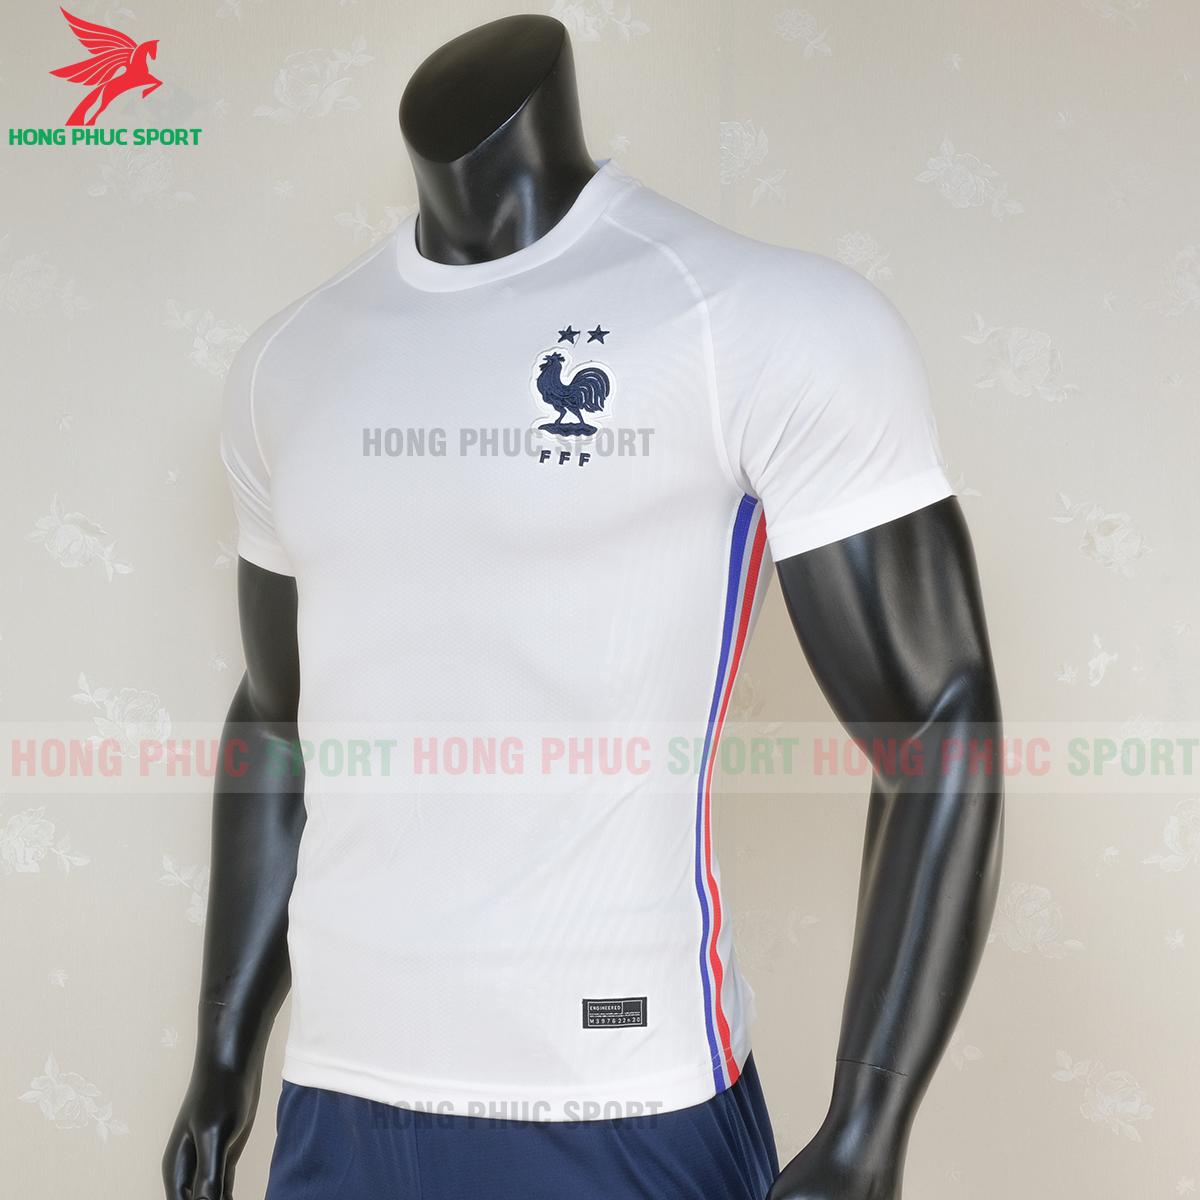 https://cdn.hongphucsport.com/unsafe/s4.shopbay.vn/files/285/ao-bong-da-tuyen-phap-san-khach-2020-3-5f6e9e5d6dd9b.png